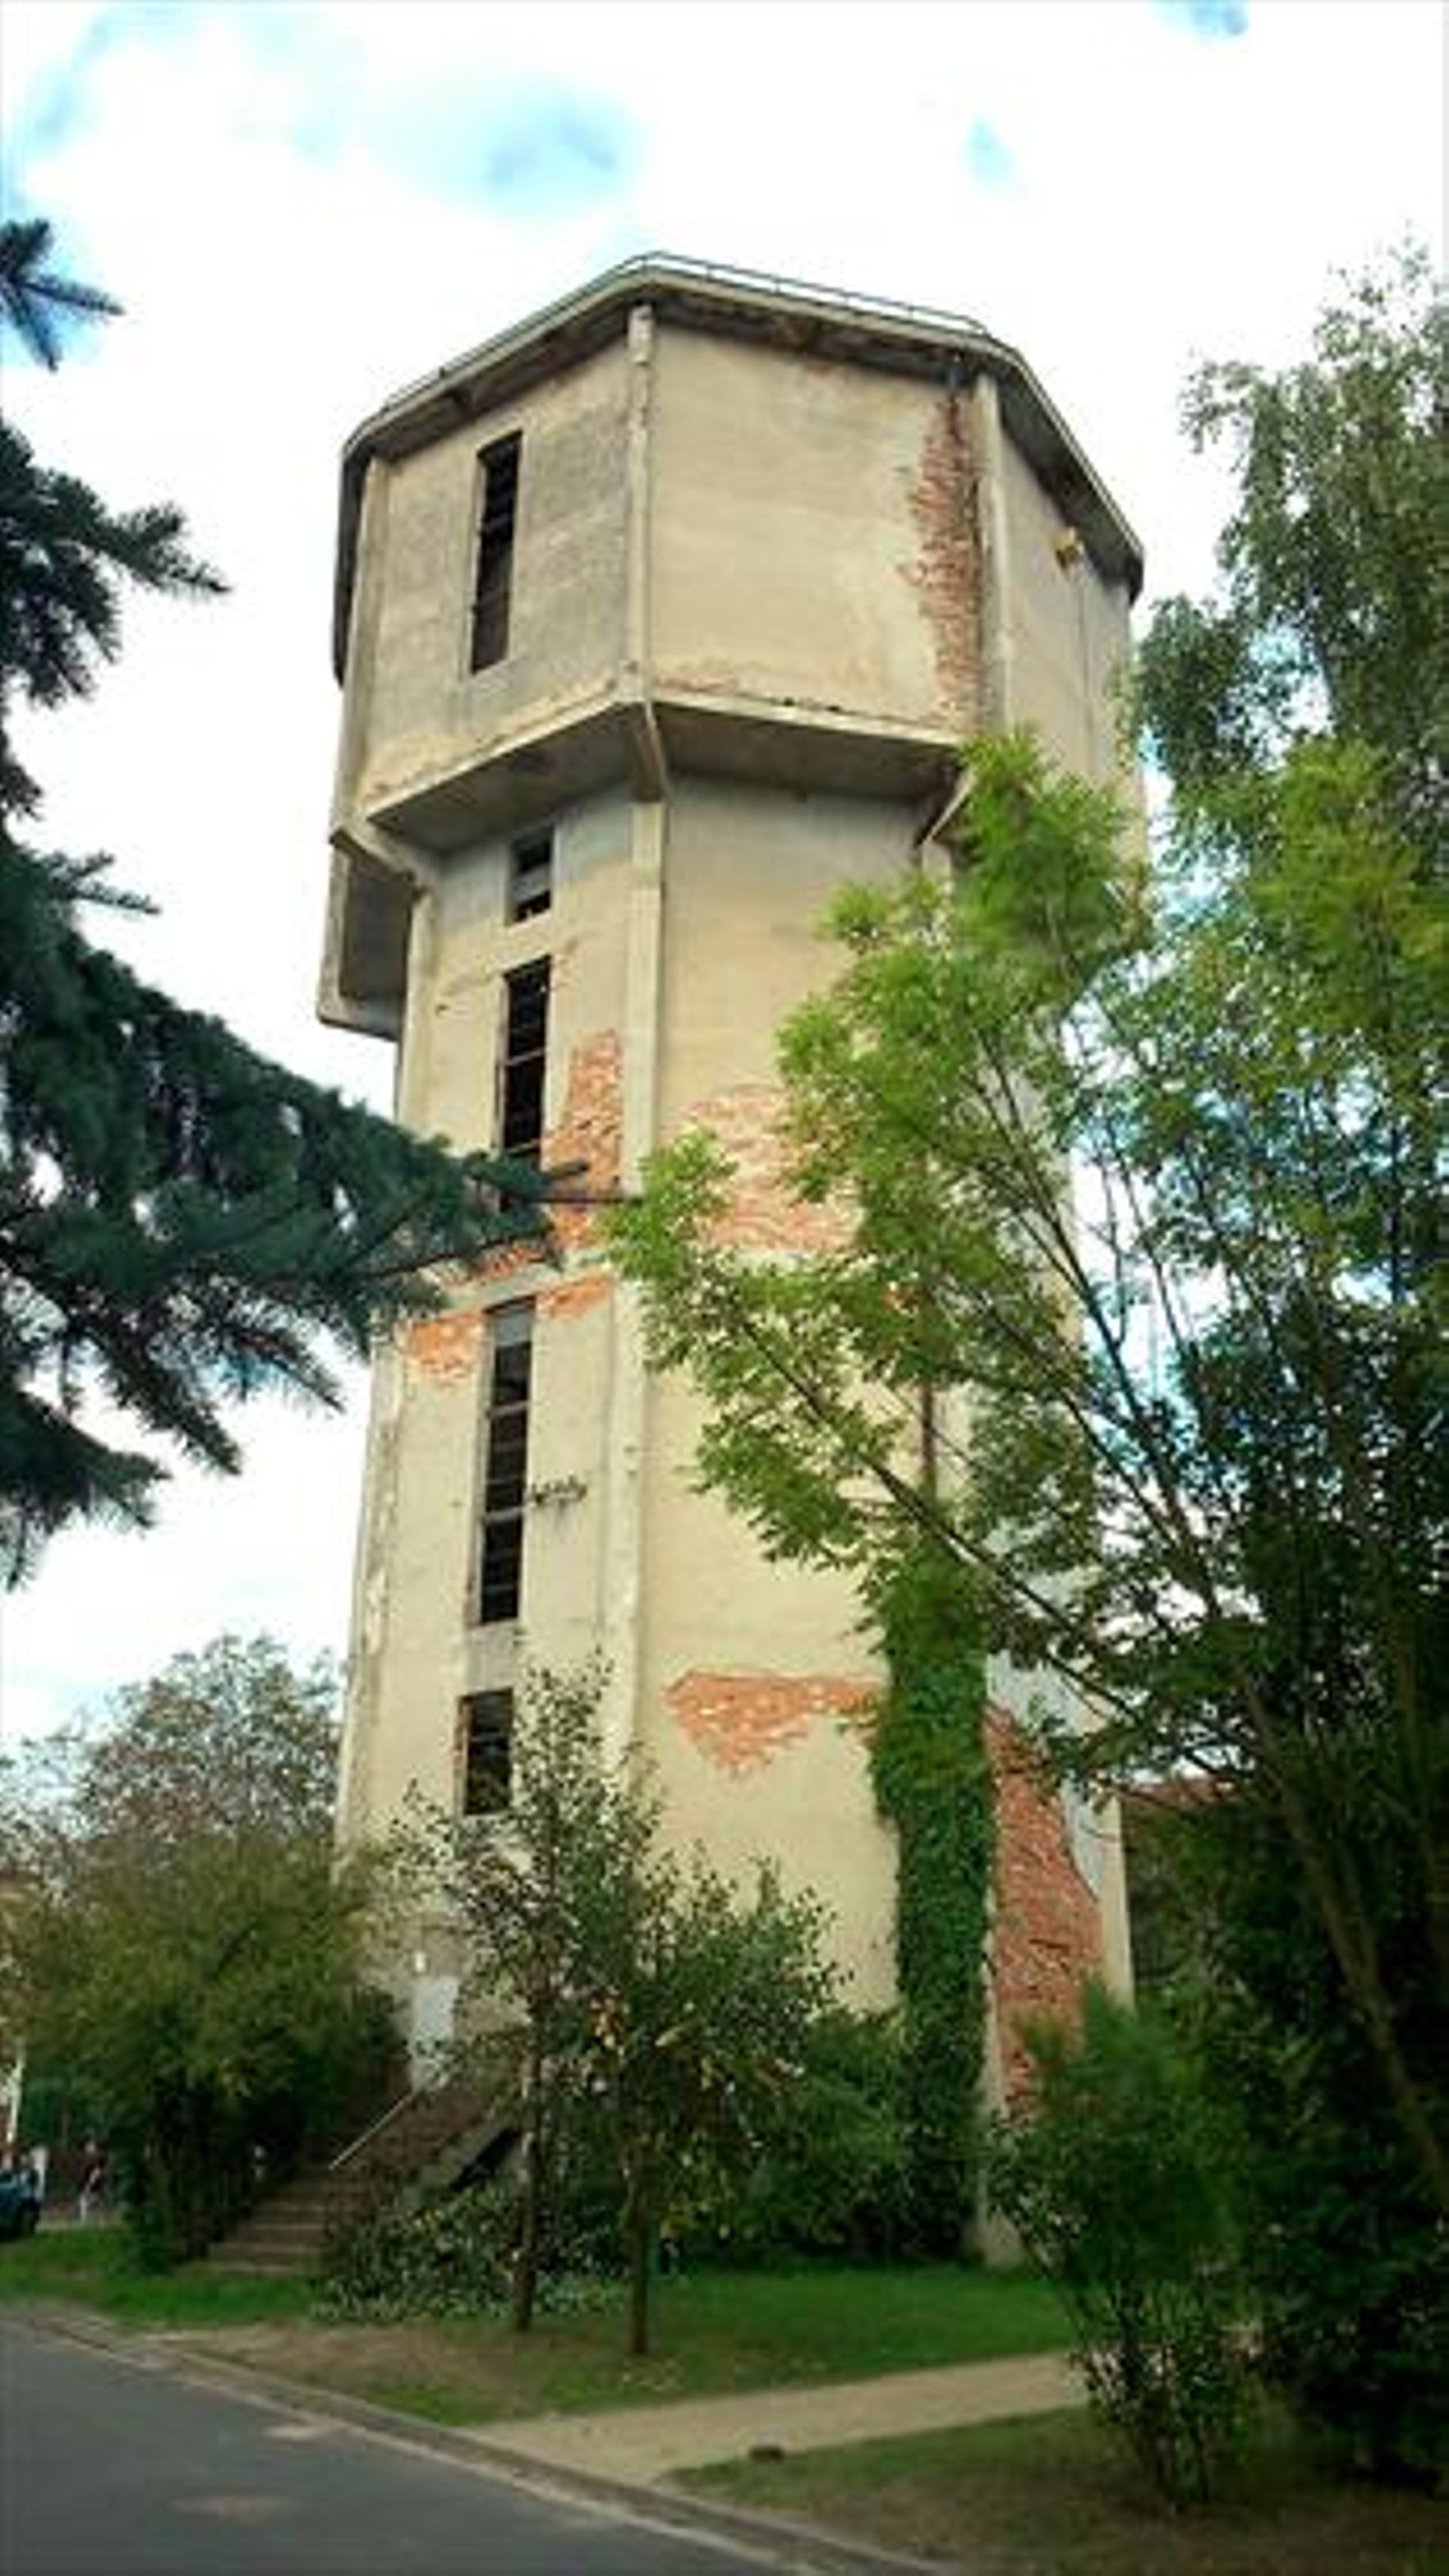 Wrocław: Zabytkową wieżę ciśnień na Kuźnikach czeka rewitalizacja. Powstaną mieszkania i usługi